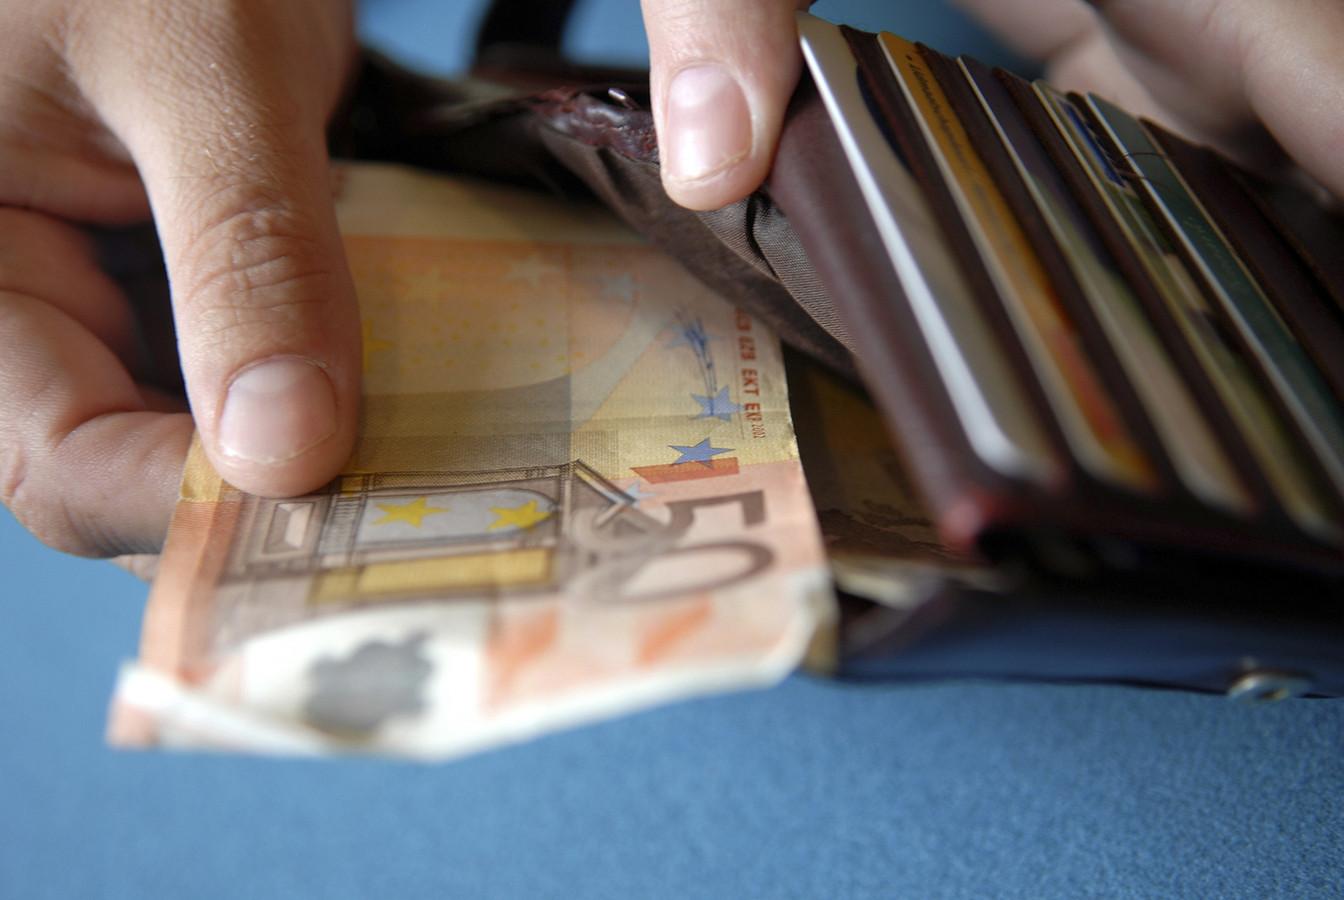 Alleen al voor energie betaalt een Vlaams gezin straks makkelijk 300 euro meer per jaar aan hogere btw, groene belasting, belasting op intercommunales, afschaffing gratis stroom...